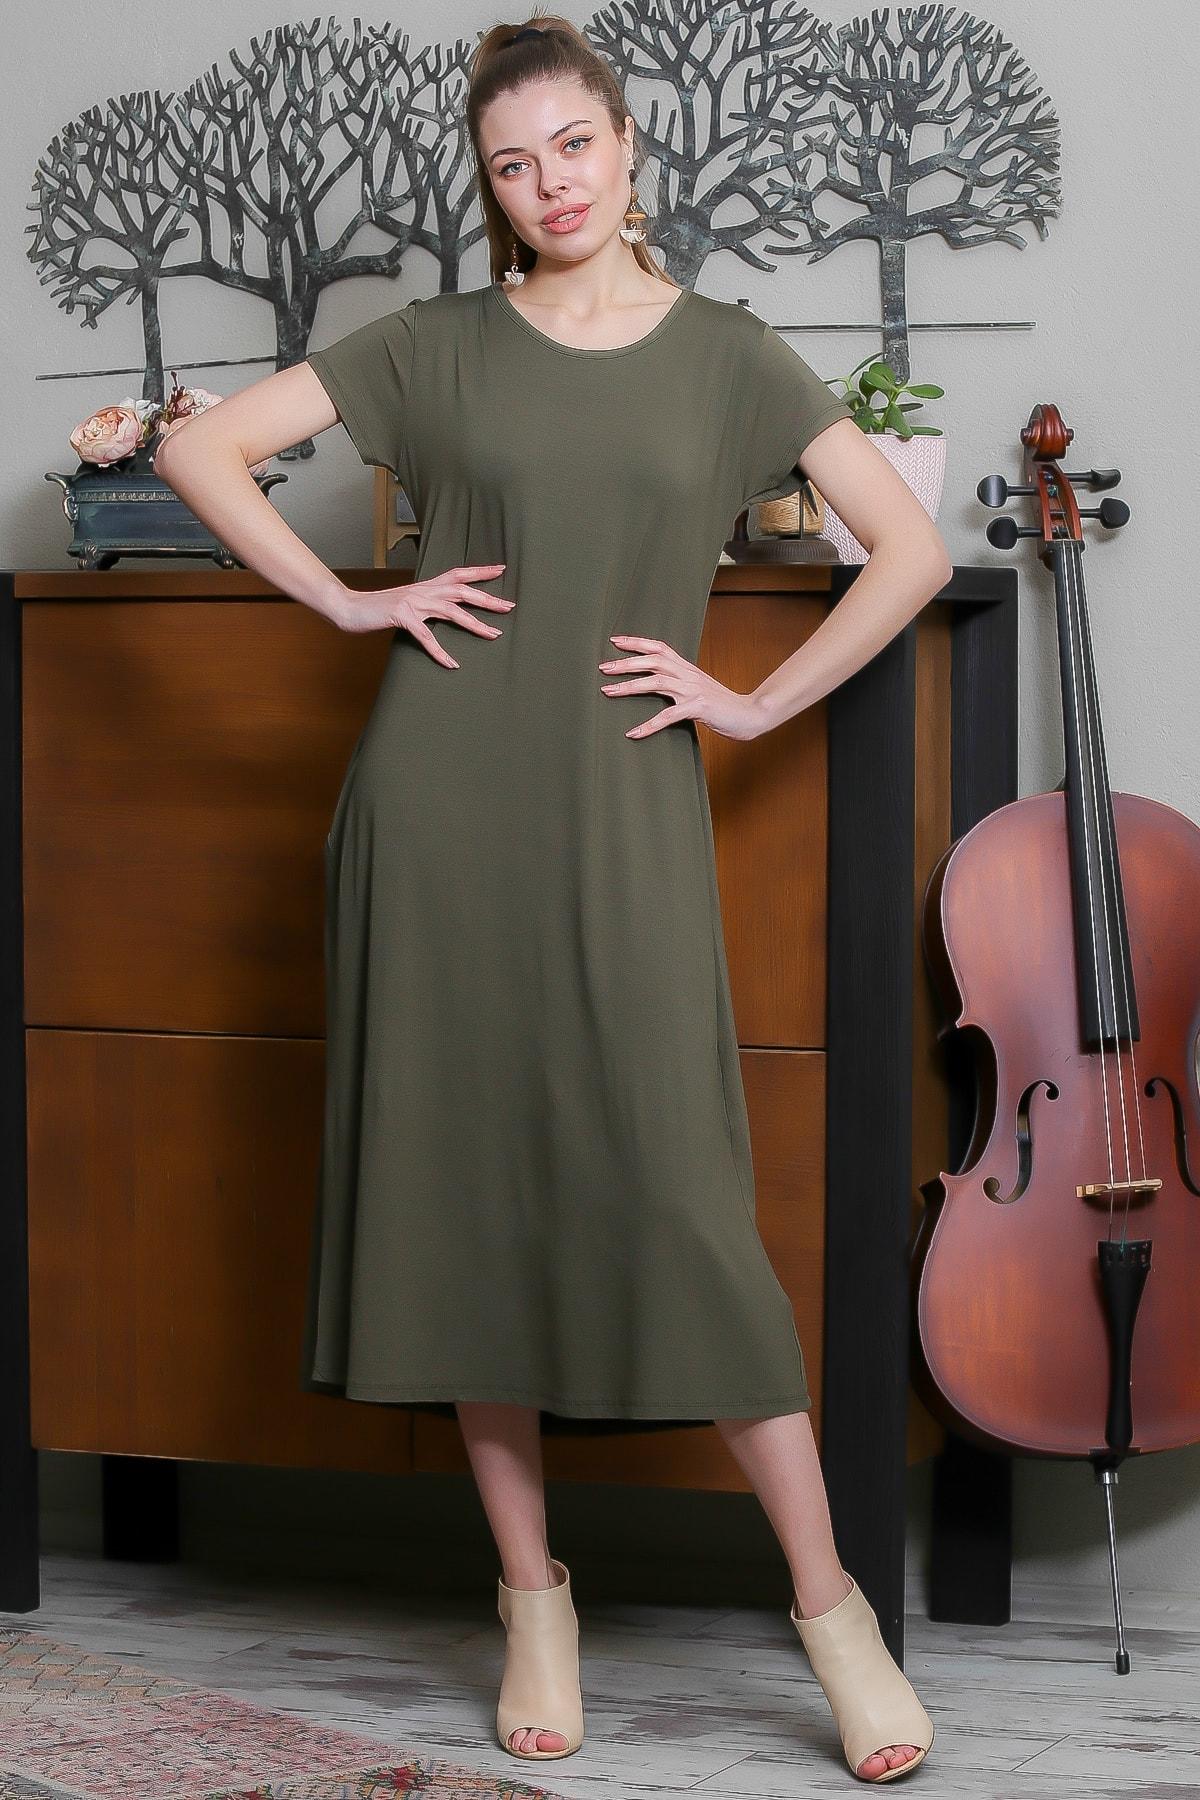 Chiccy Kadın Haki Sıfır Yaka Kısa Kollu Gizli Cepli Salaş Elbise M10160000EL95531 0